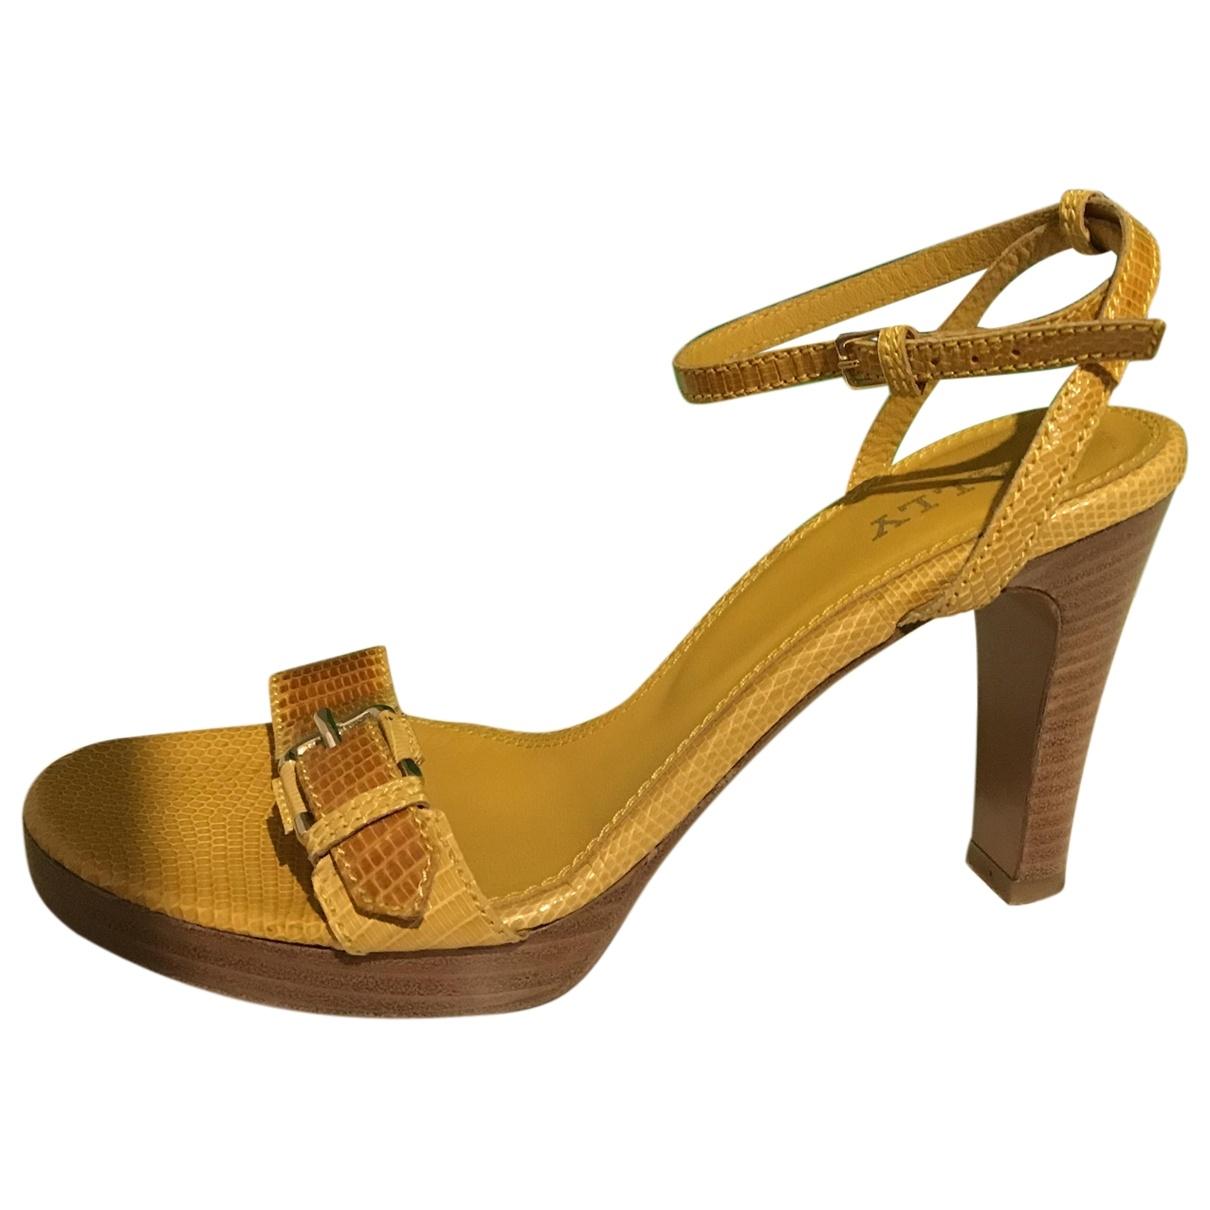 Bally - Sandales   pour femme en cuir - jaune